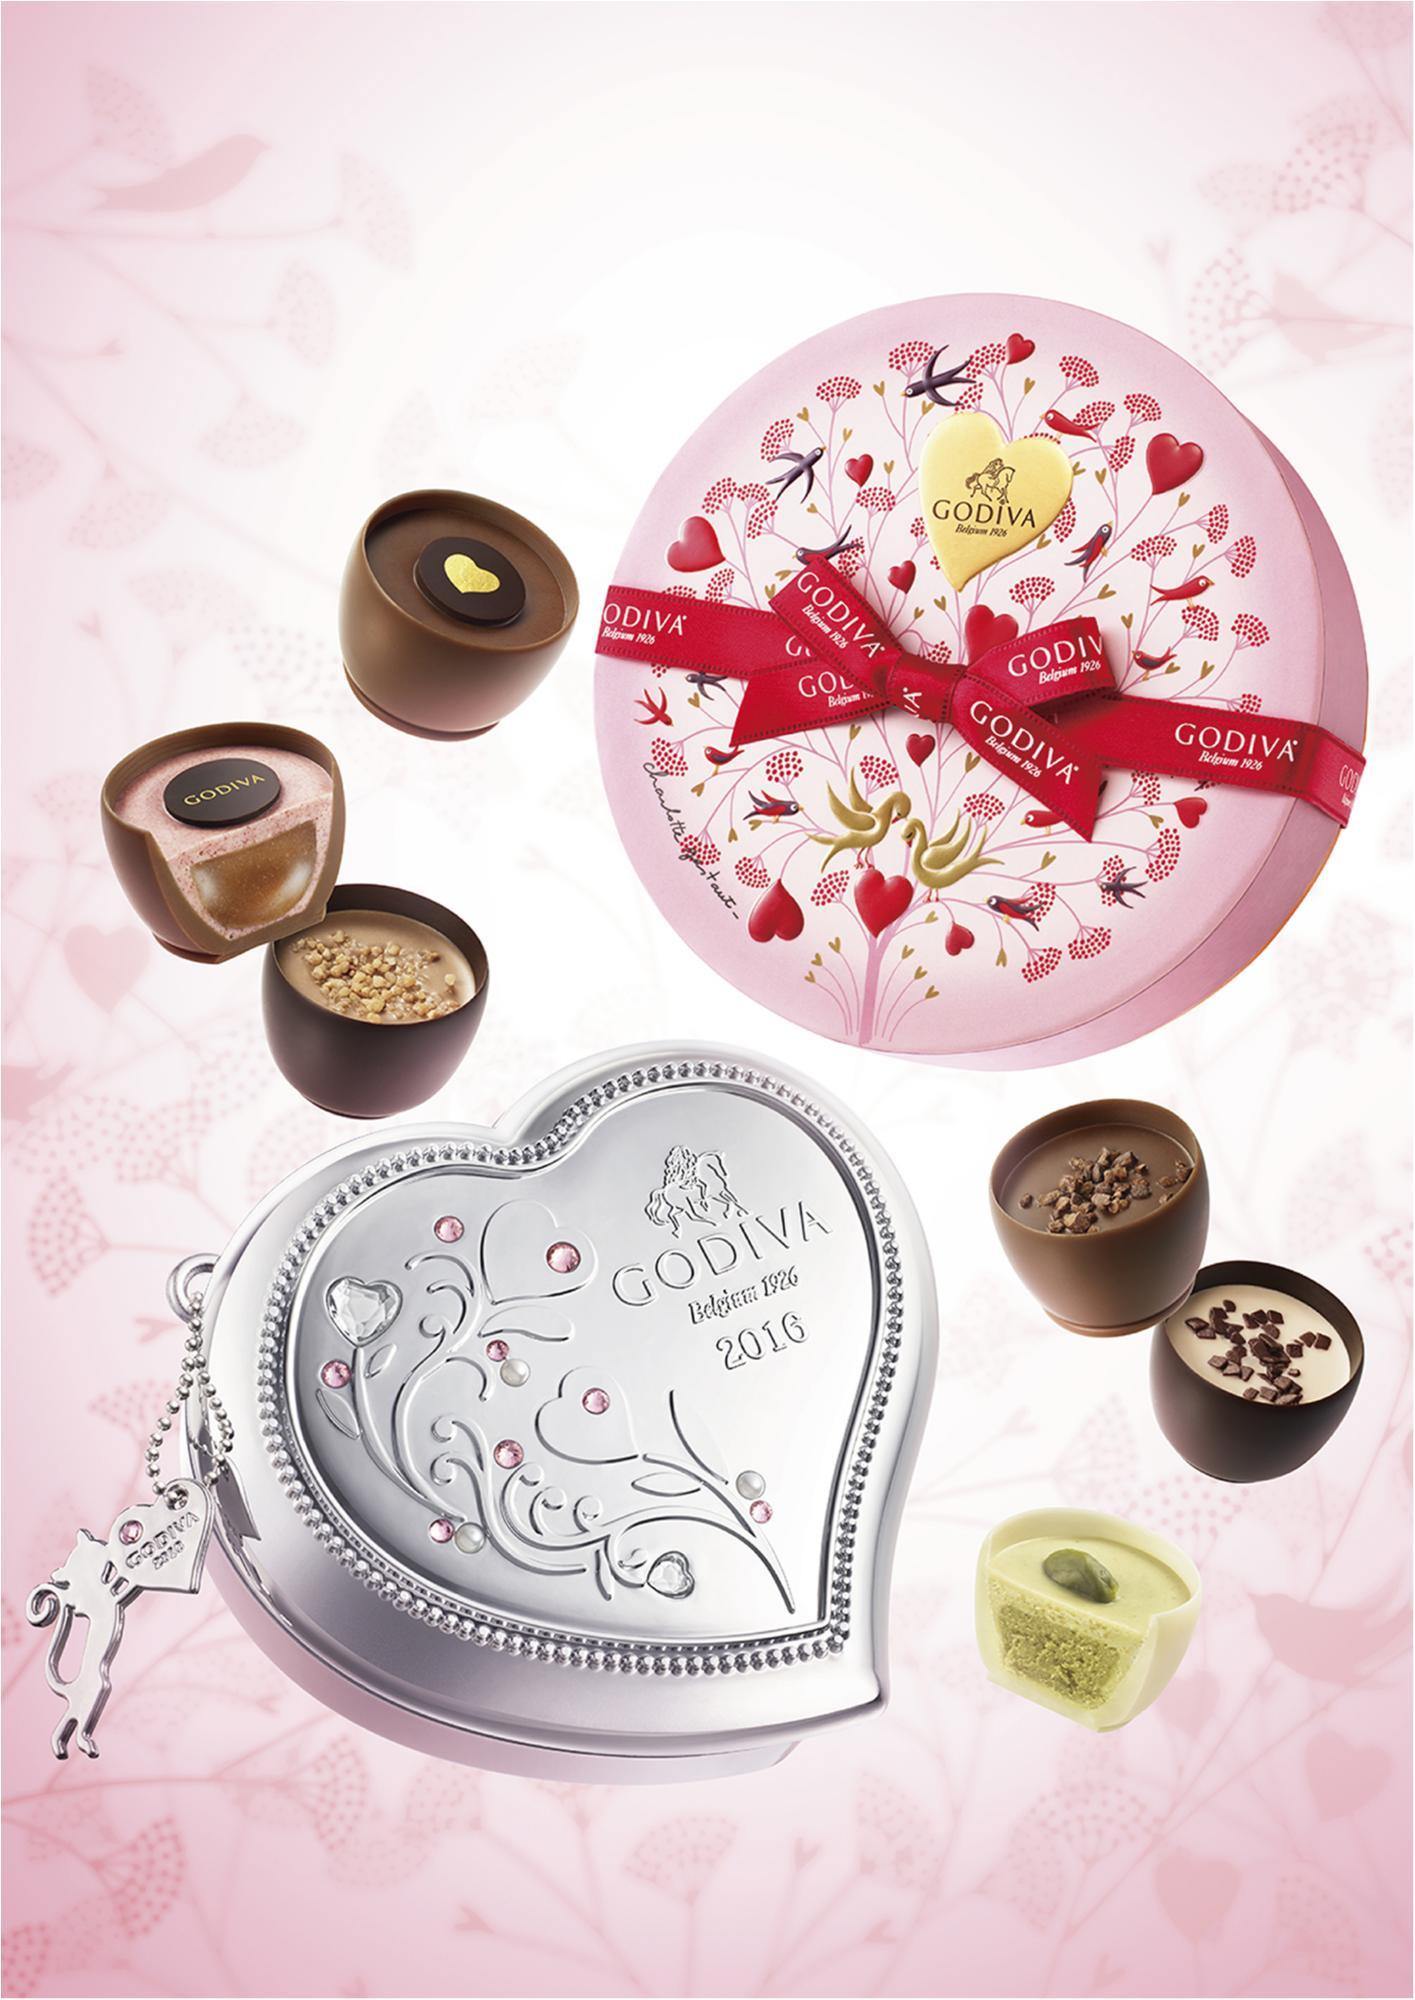 誰に贈っても喜ばれるのは、やっぱり『GODIVA』のチョコレートでしょ!_1